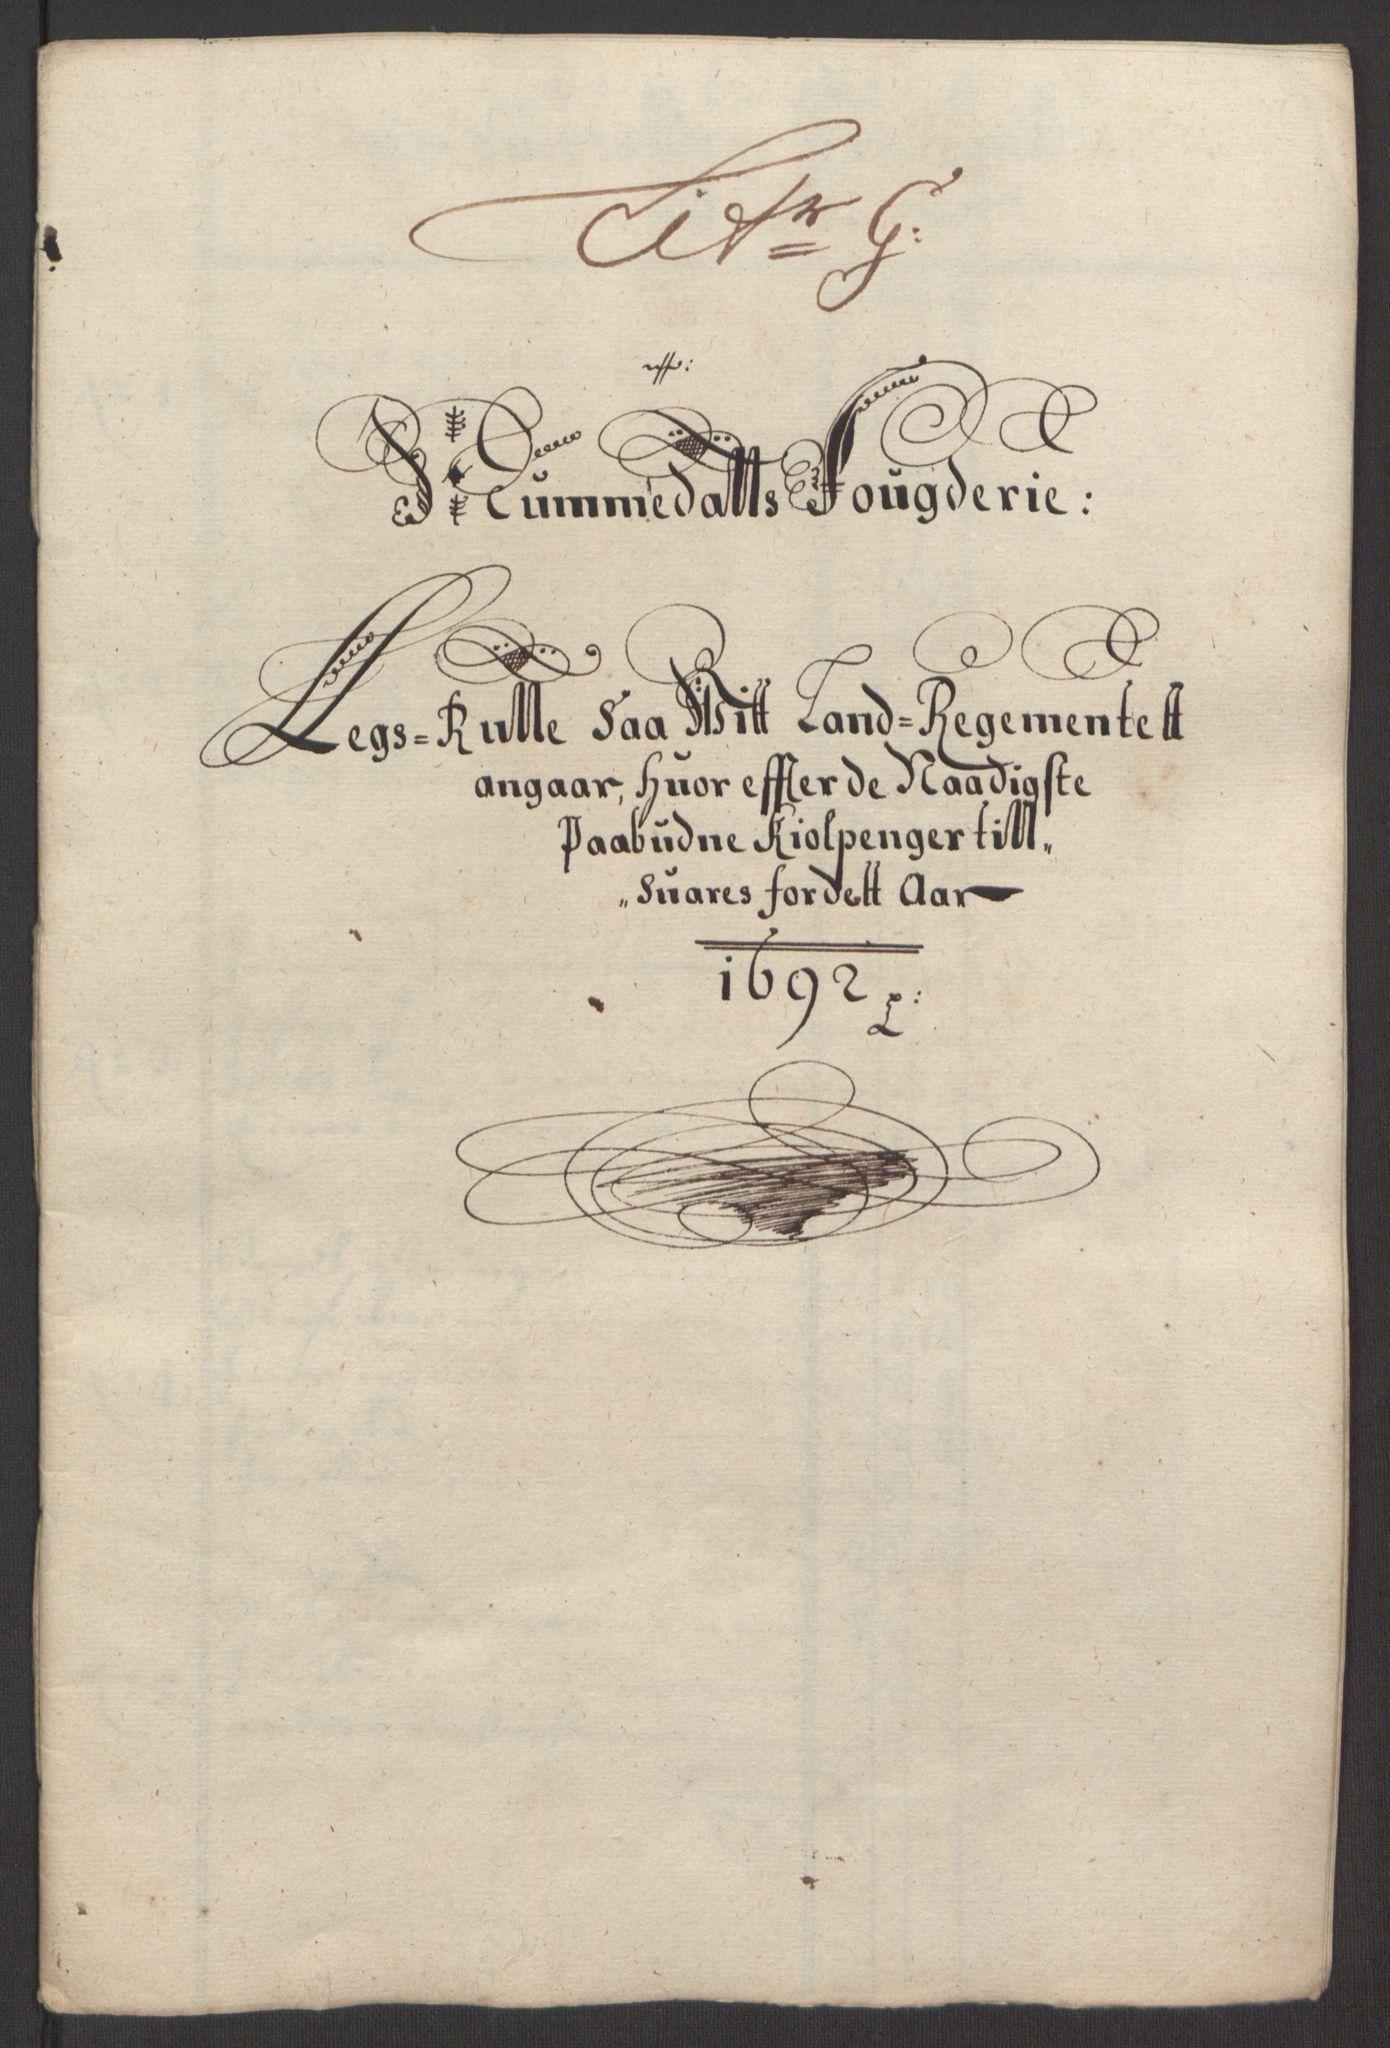 RA, Rentekammeret inntil 1814, Reviderte regnskaper, Fogderegnskap, R64/L4424: Fogderegnskap Namdal, 1692-1695, s. 40